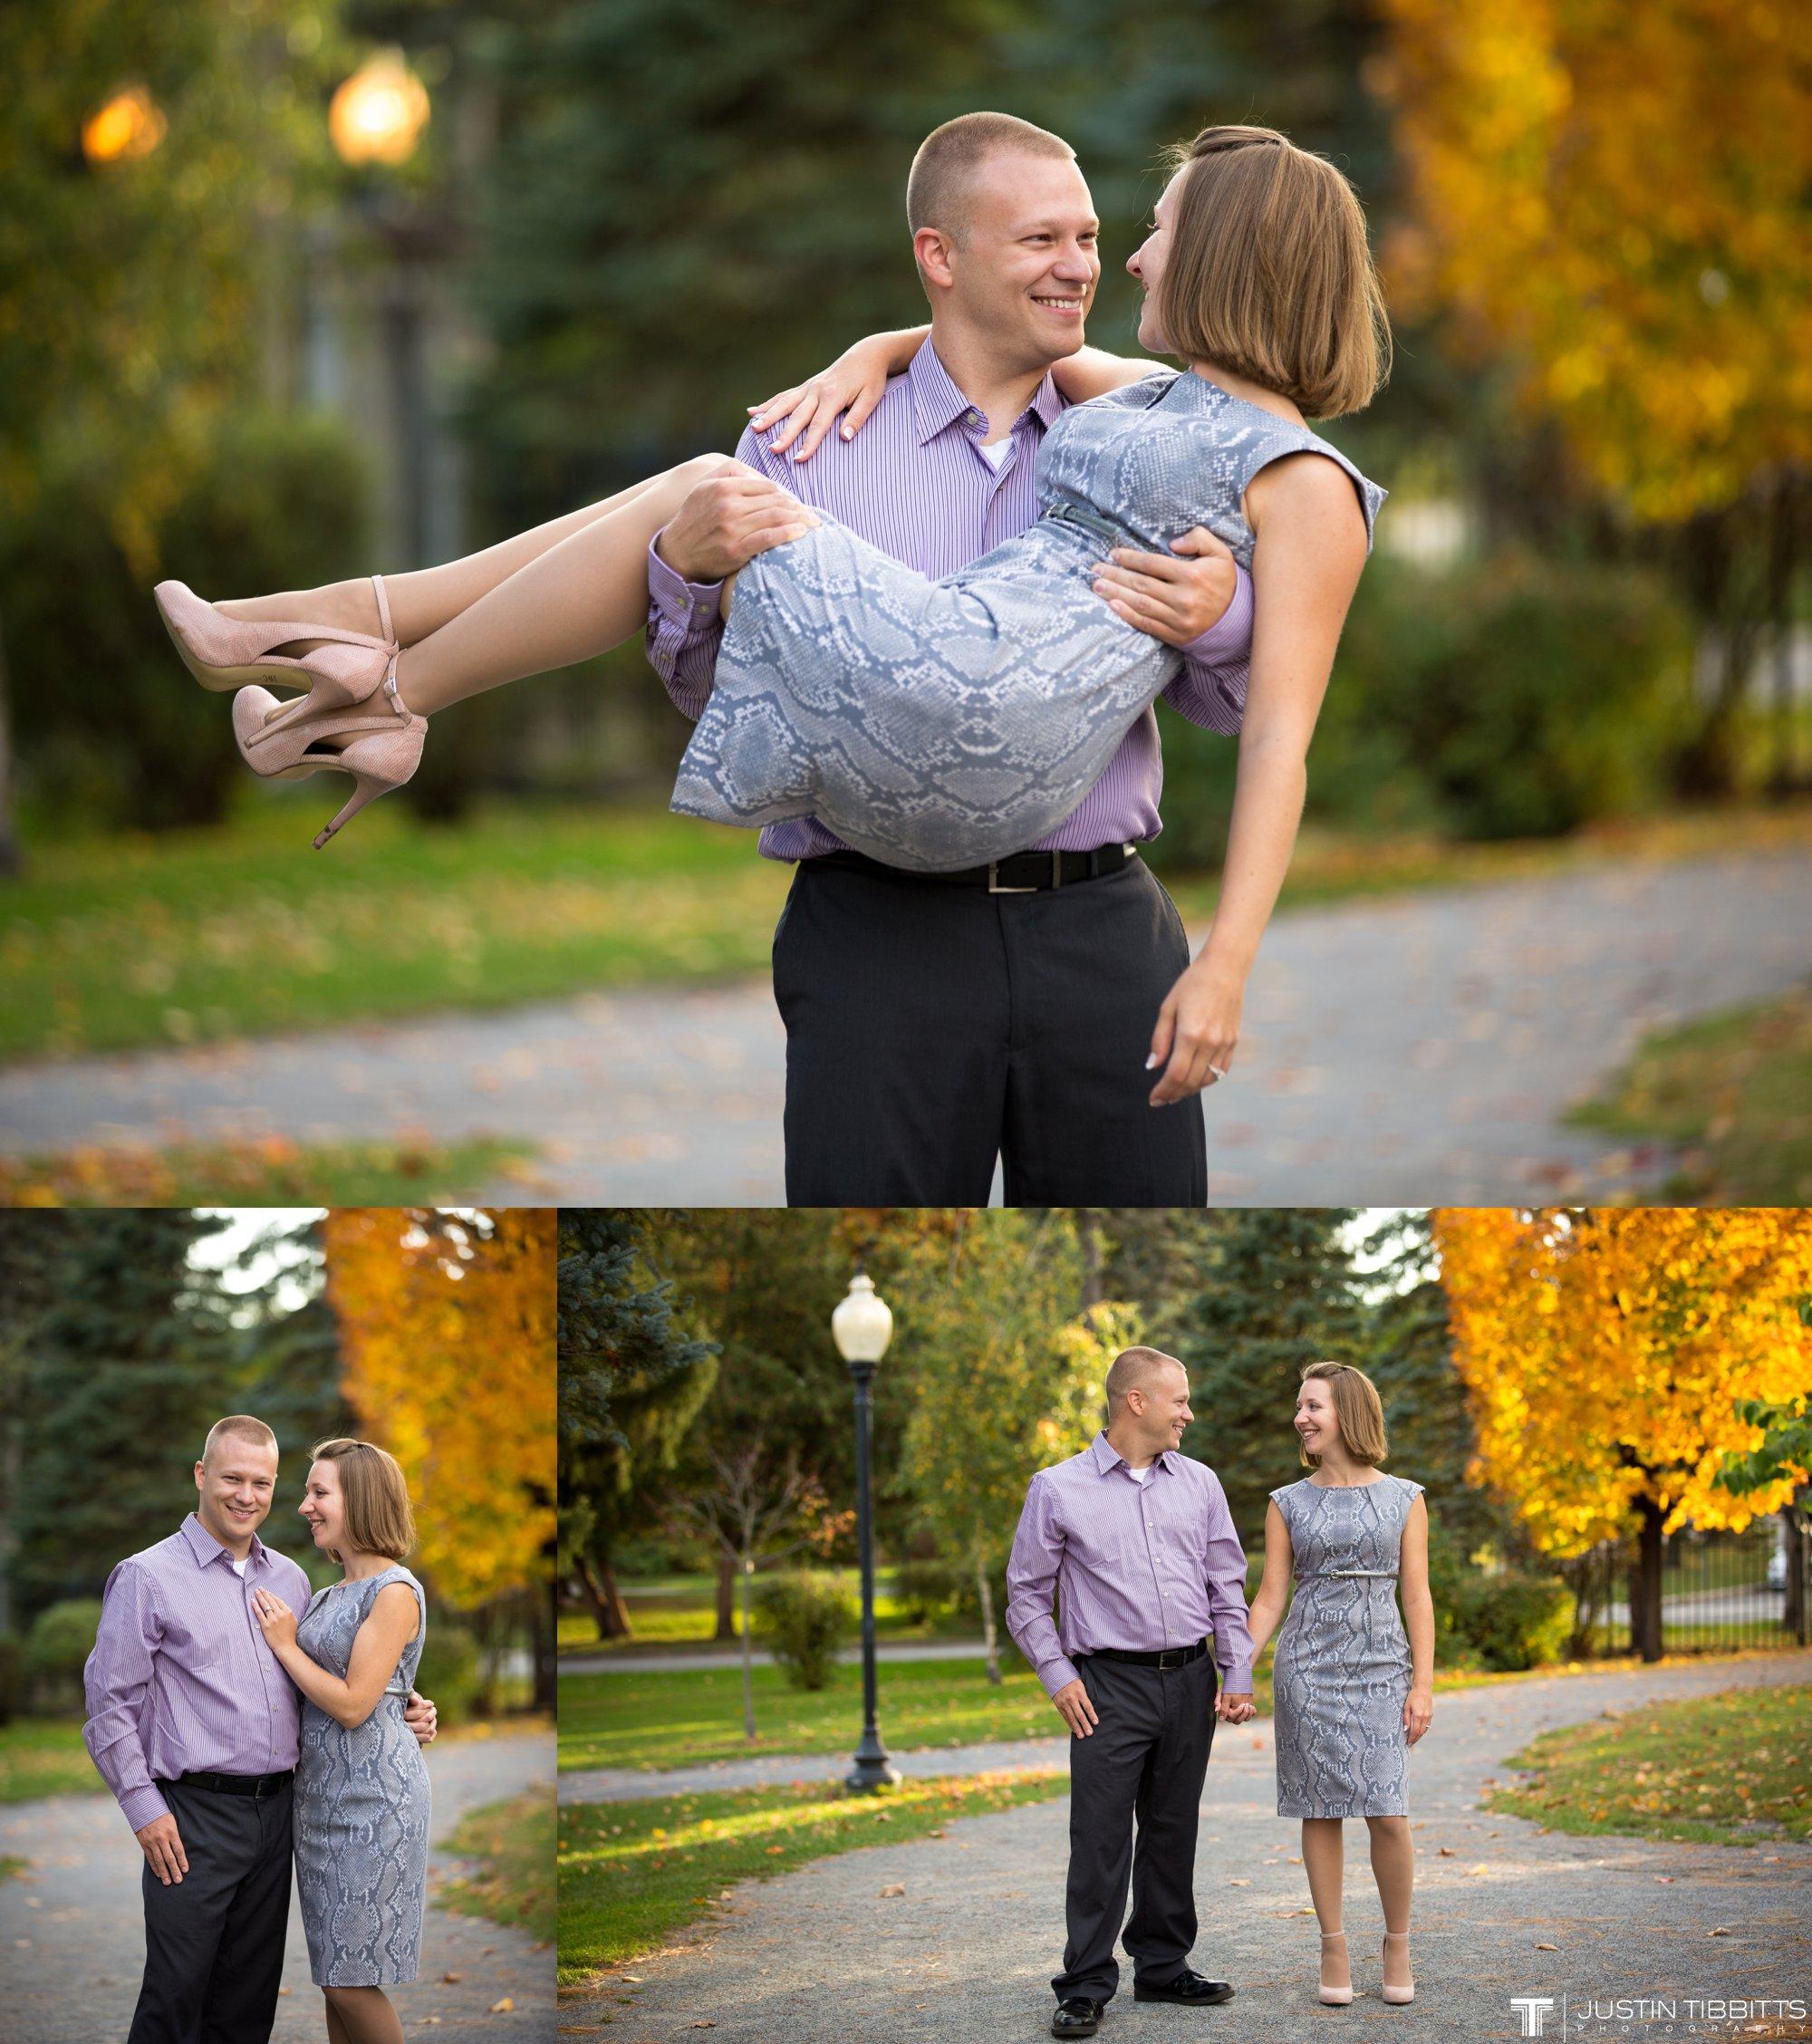 Justin Tibbitts Photography Heather and Stephen Congress Park, Saratoga, NY E-shoot-116